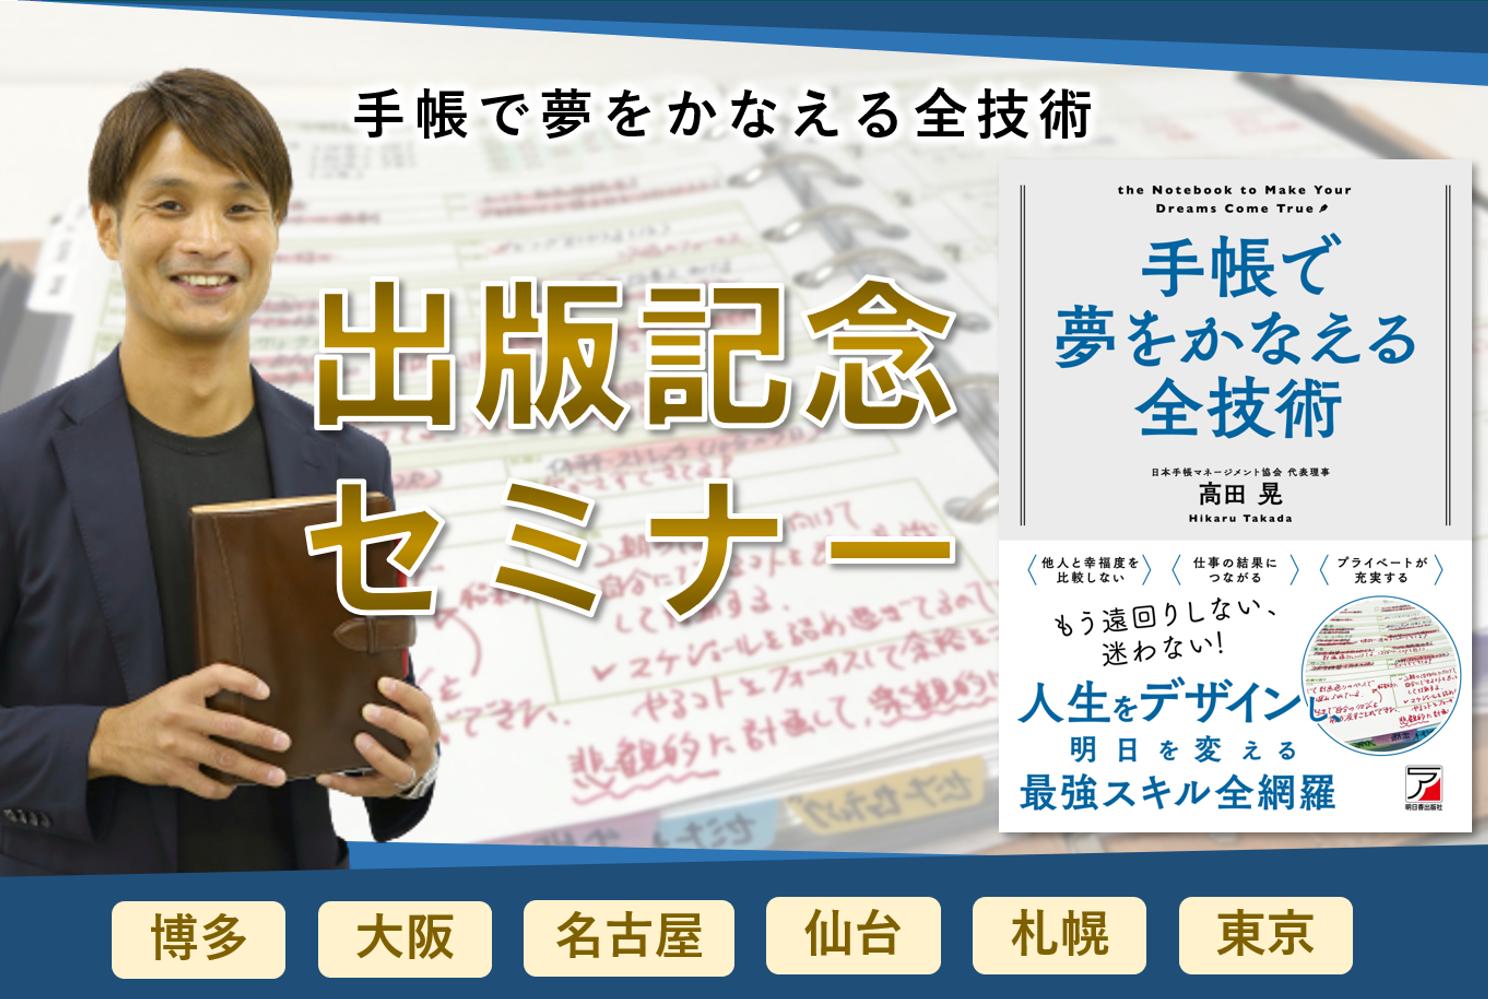 【受付中】手帳術の決定版『手帳で夢をかなえる全技術』出版セミナー開催!